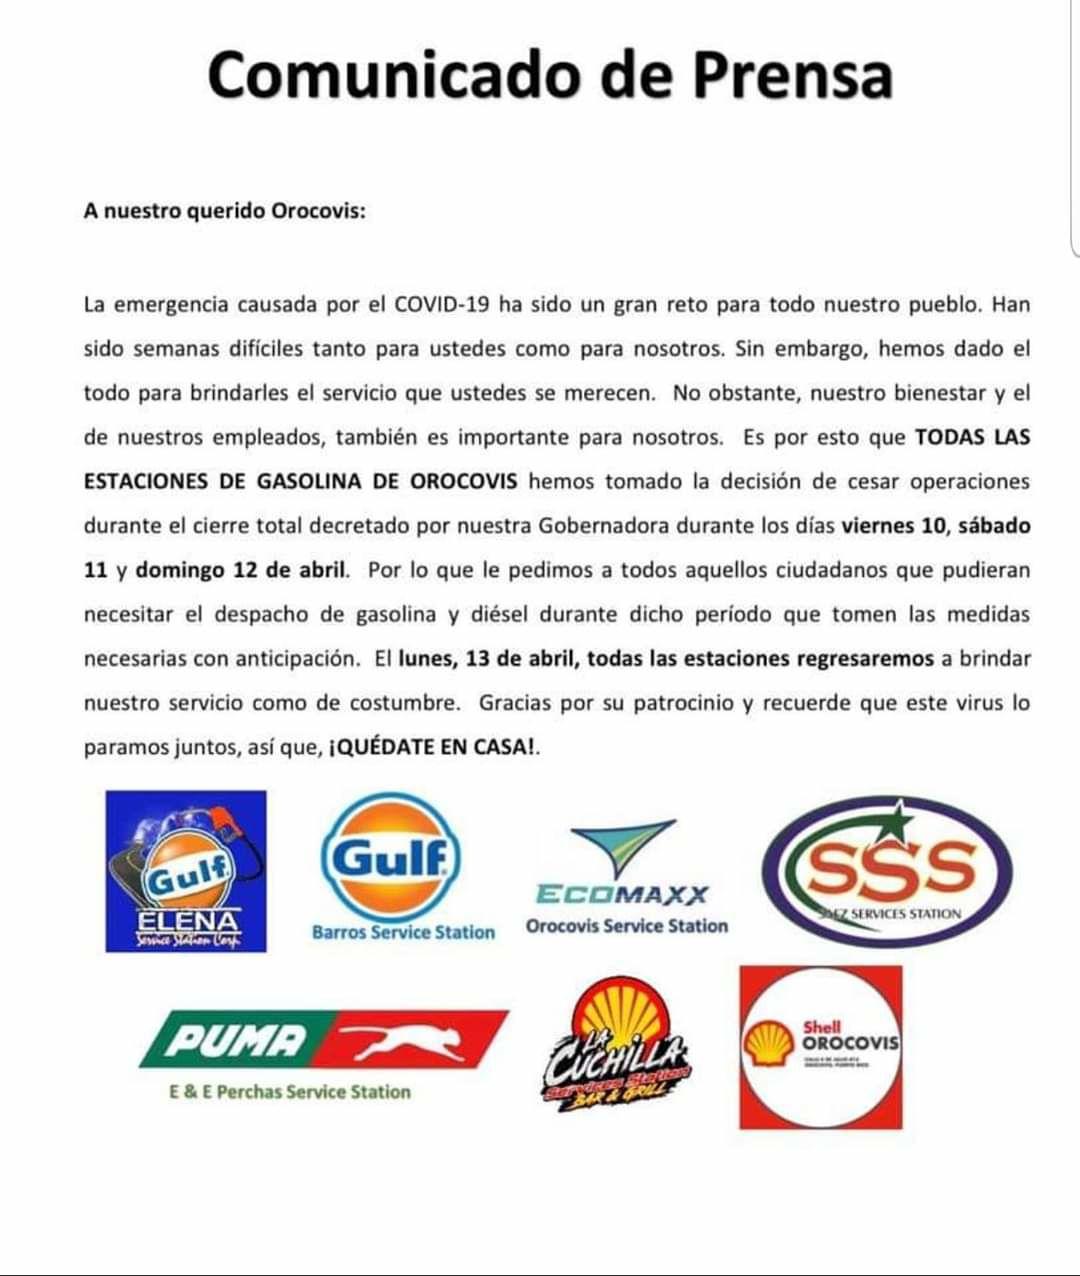 Gasolina - comunicado de prensa - cerrados - abril 7 2020